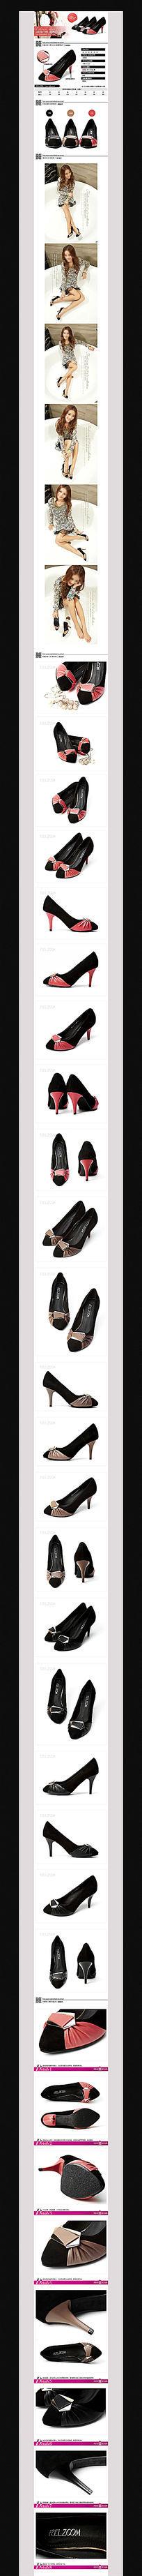 淘宝女士高跟鞋详情页细节描述图